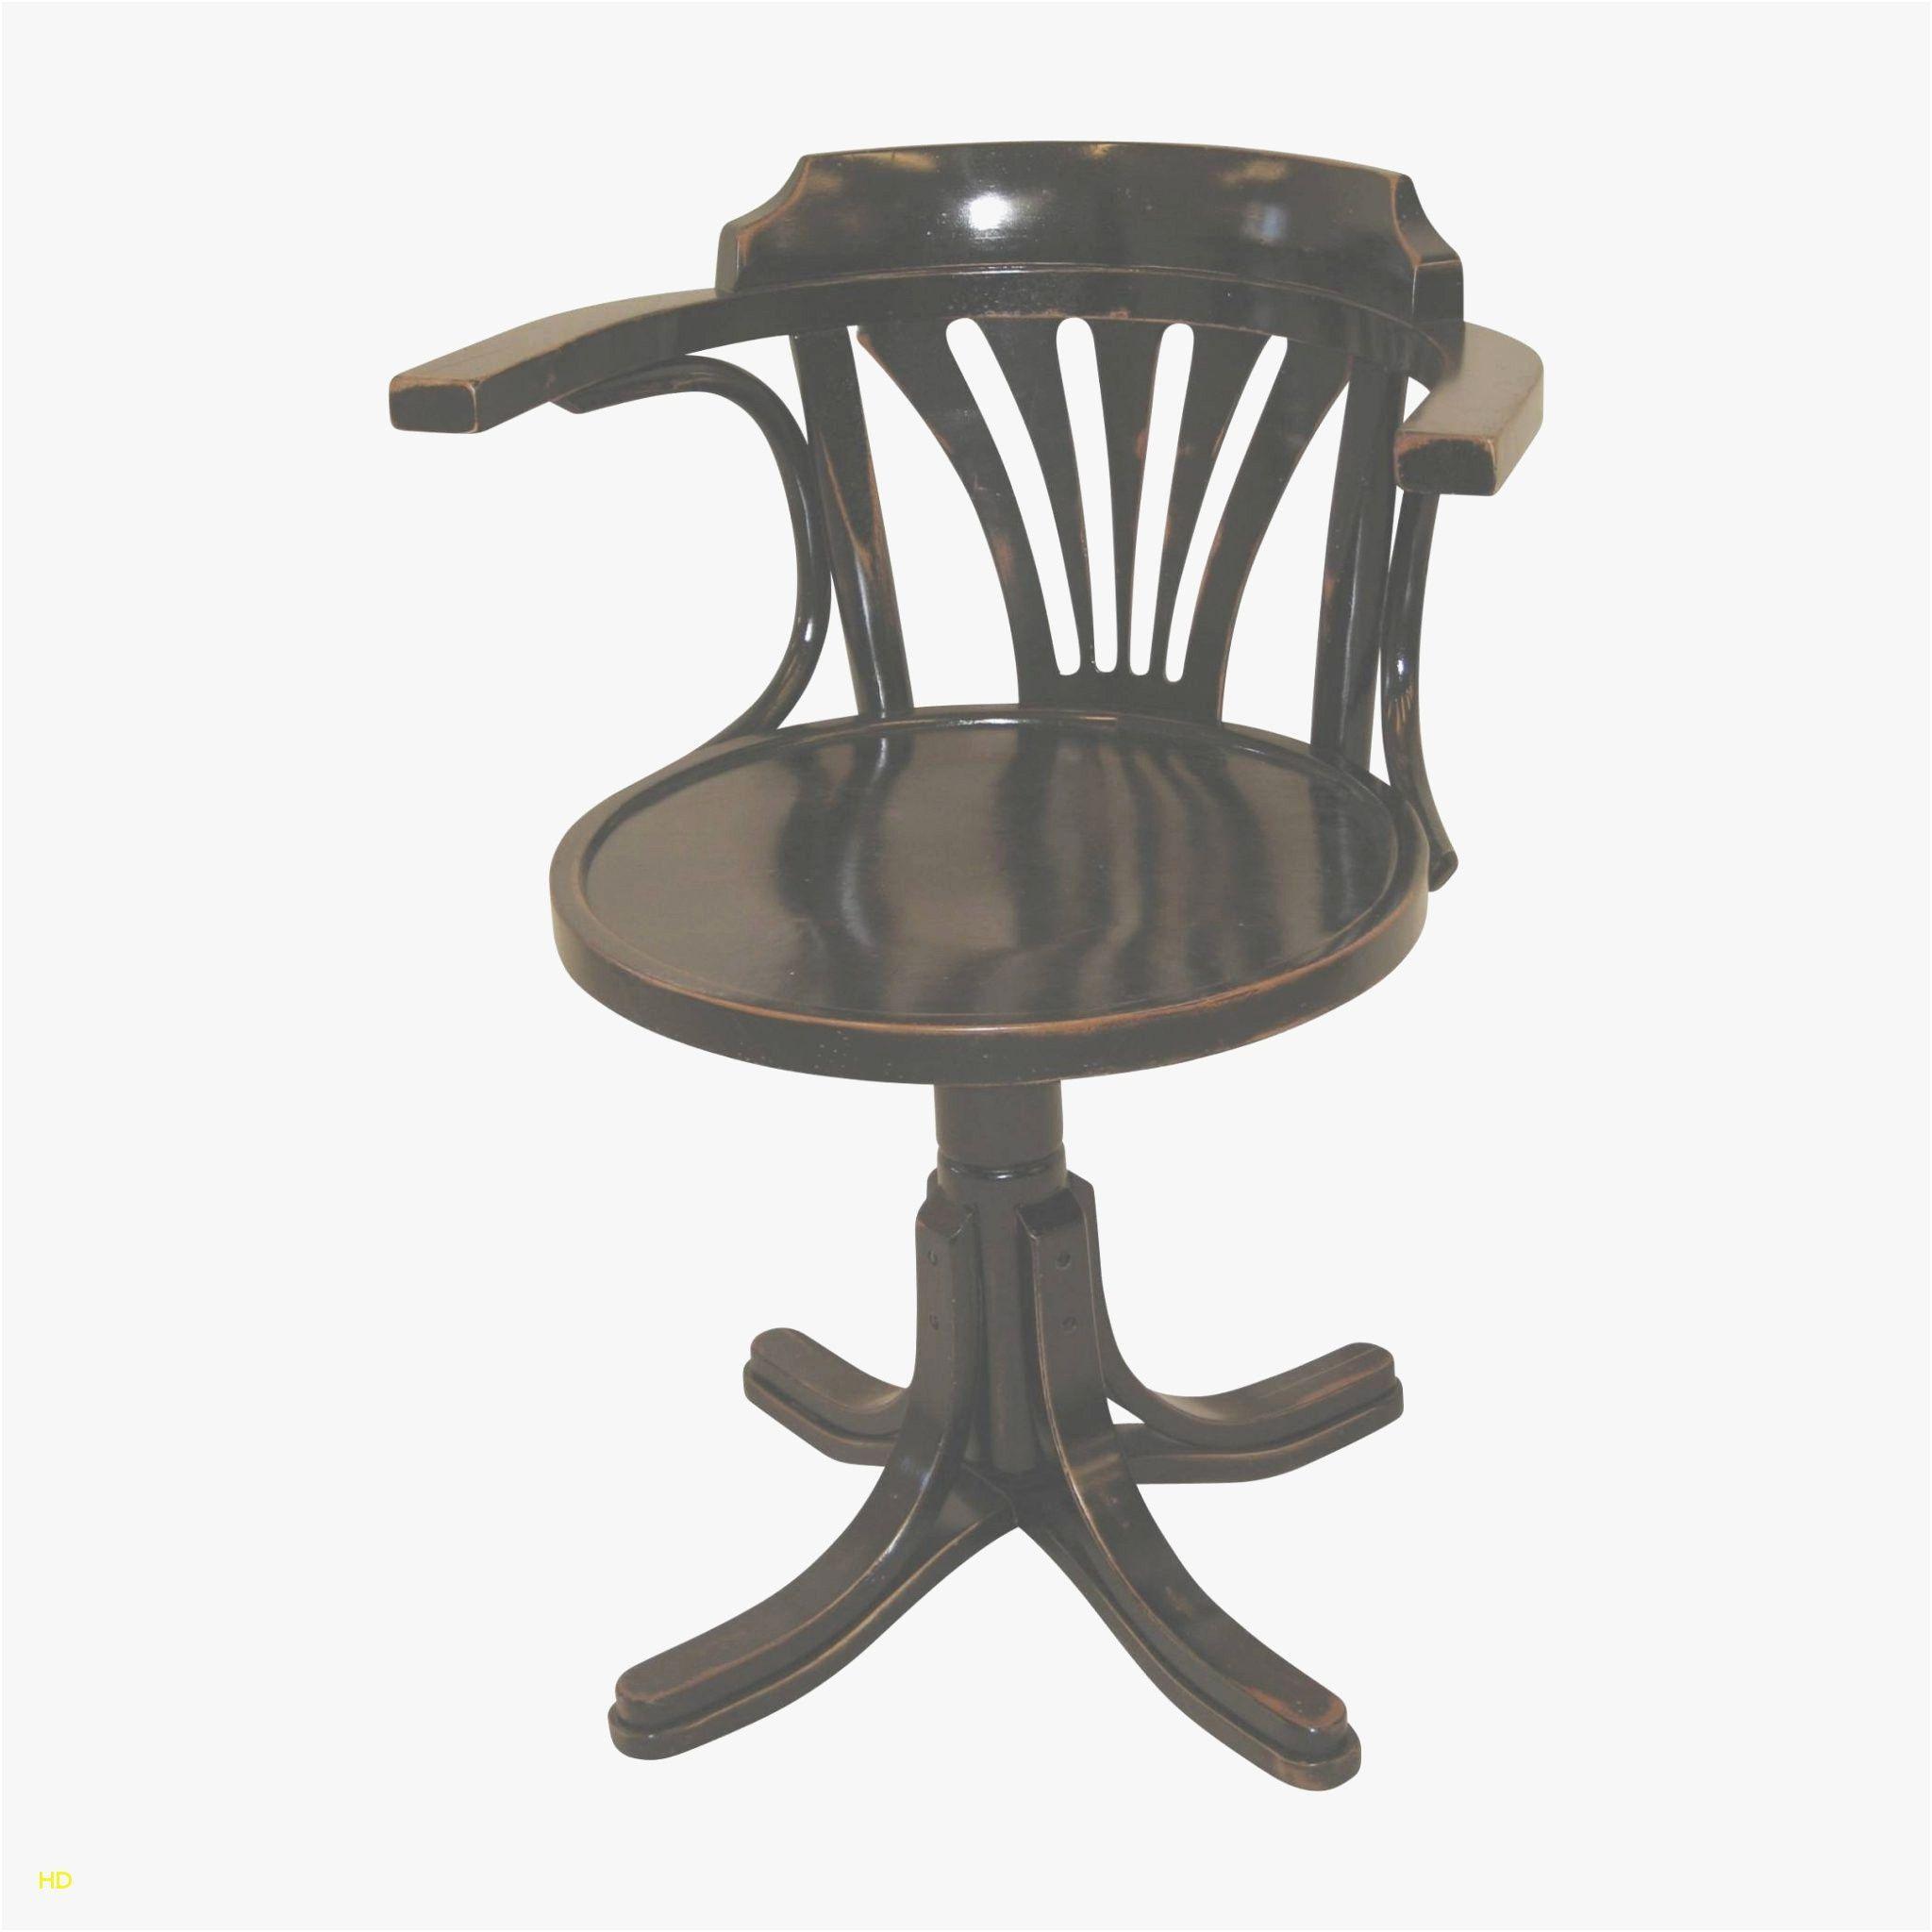 Galette De Chaise Scandinave Etourdissant Coussin Chaise De Bureau Avec Chaise Victoria Coussin Authentique Chaise Fille De In 2020 Home Decor Chaise Kitchen Design